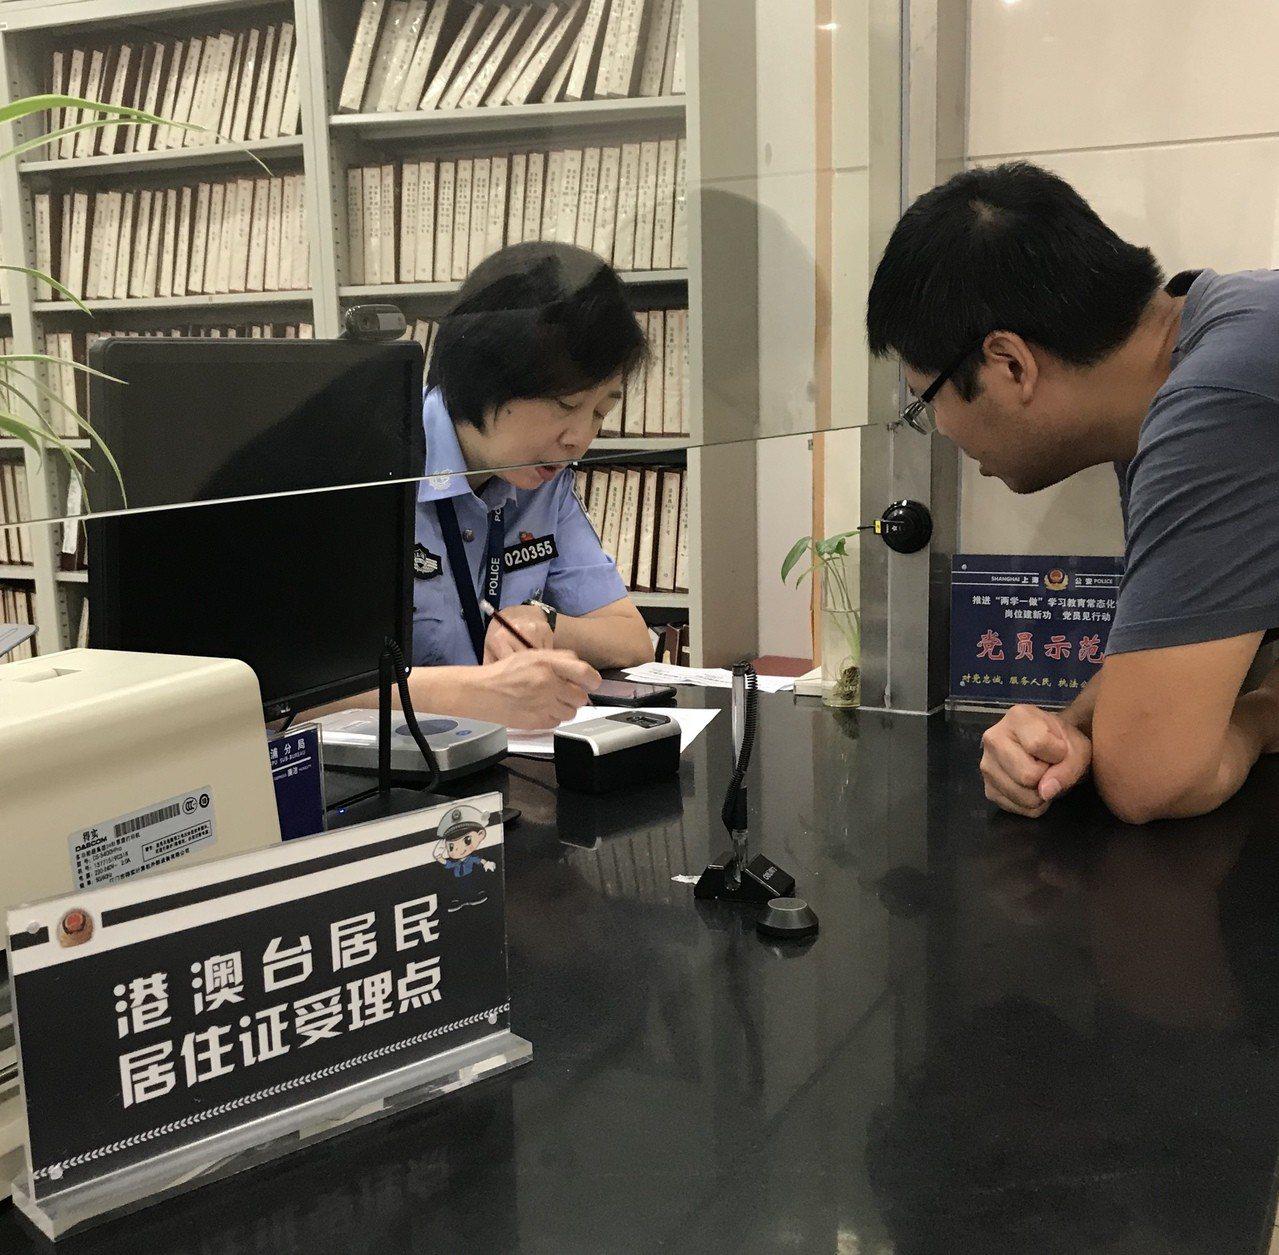 不少台灣人赴各指定派出所申辦大陸居住證。記者陳言喬/攝影